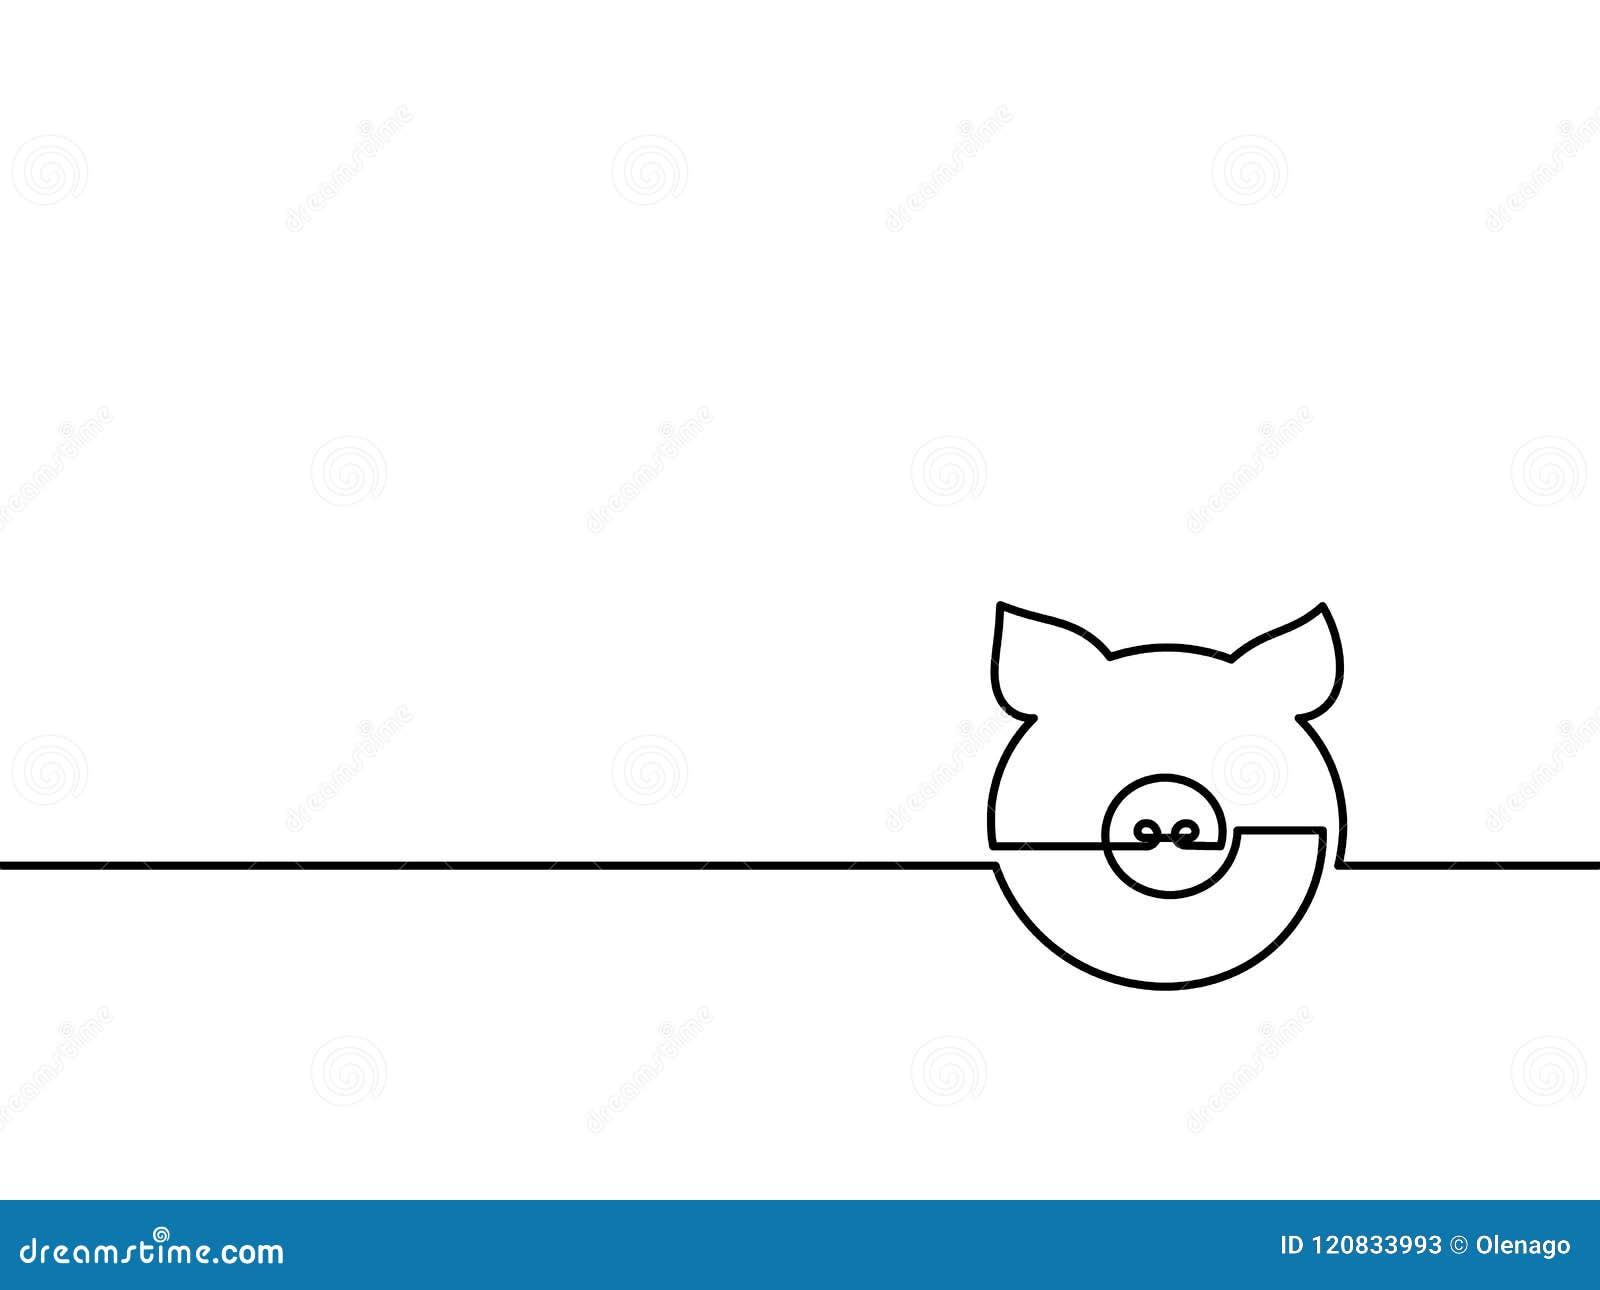 一个实线图画猪